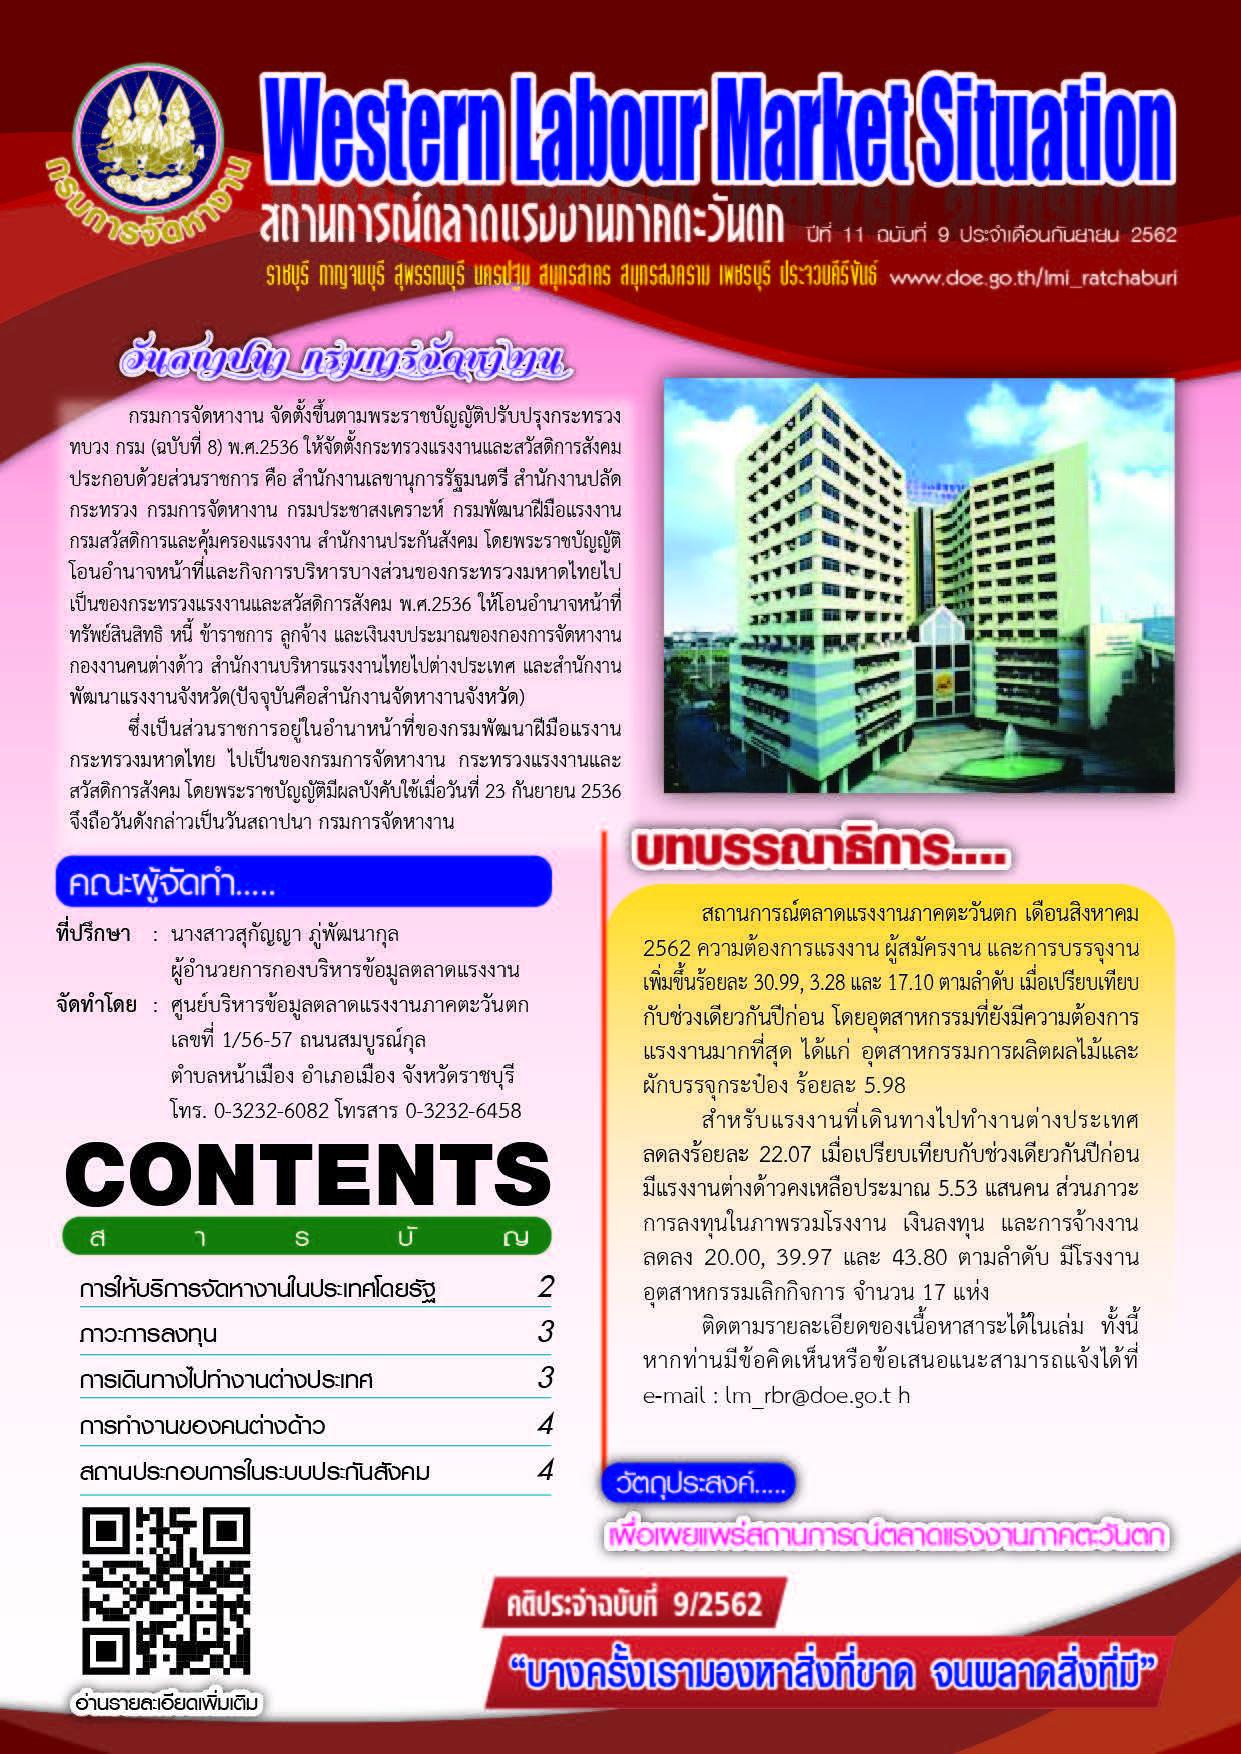 วารสารสถานการณ์ตลาดแรงงานประจำเดือนกันยายน 2562